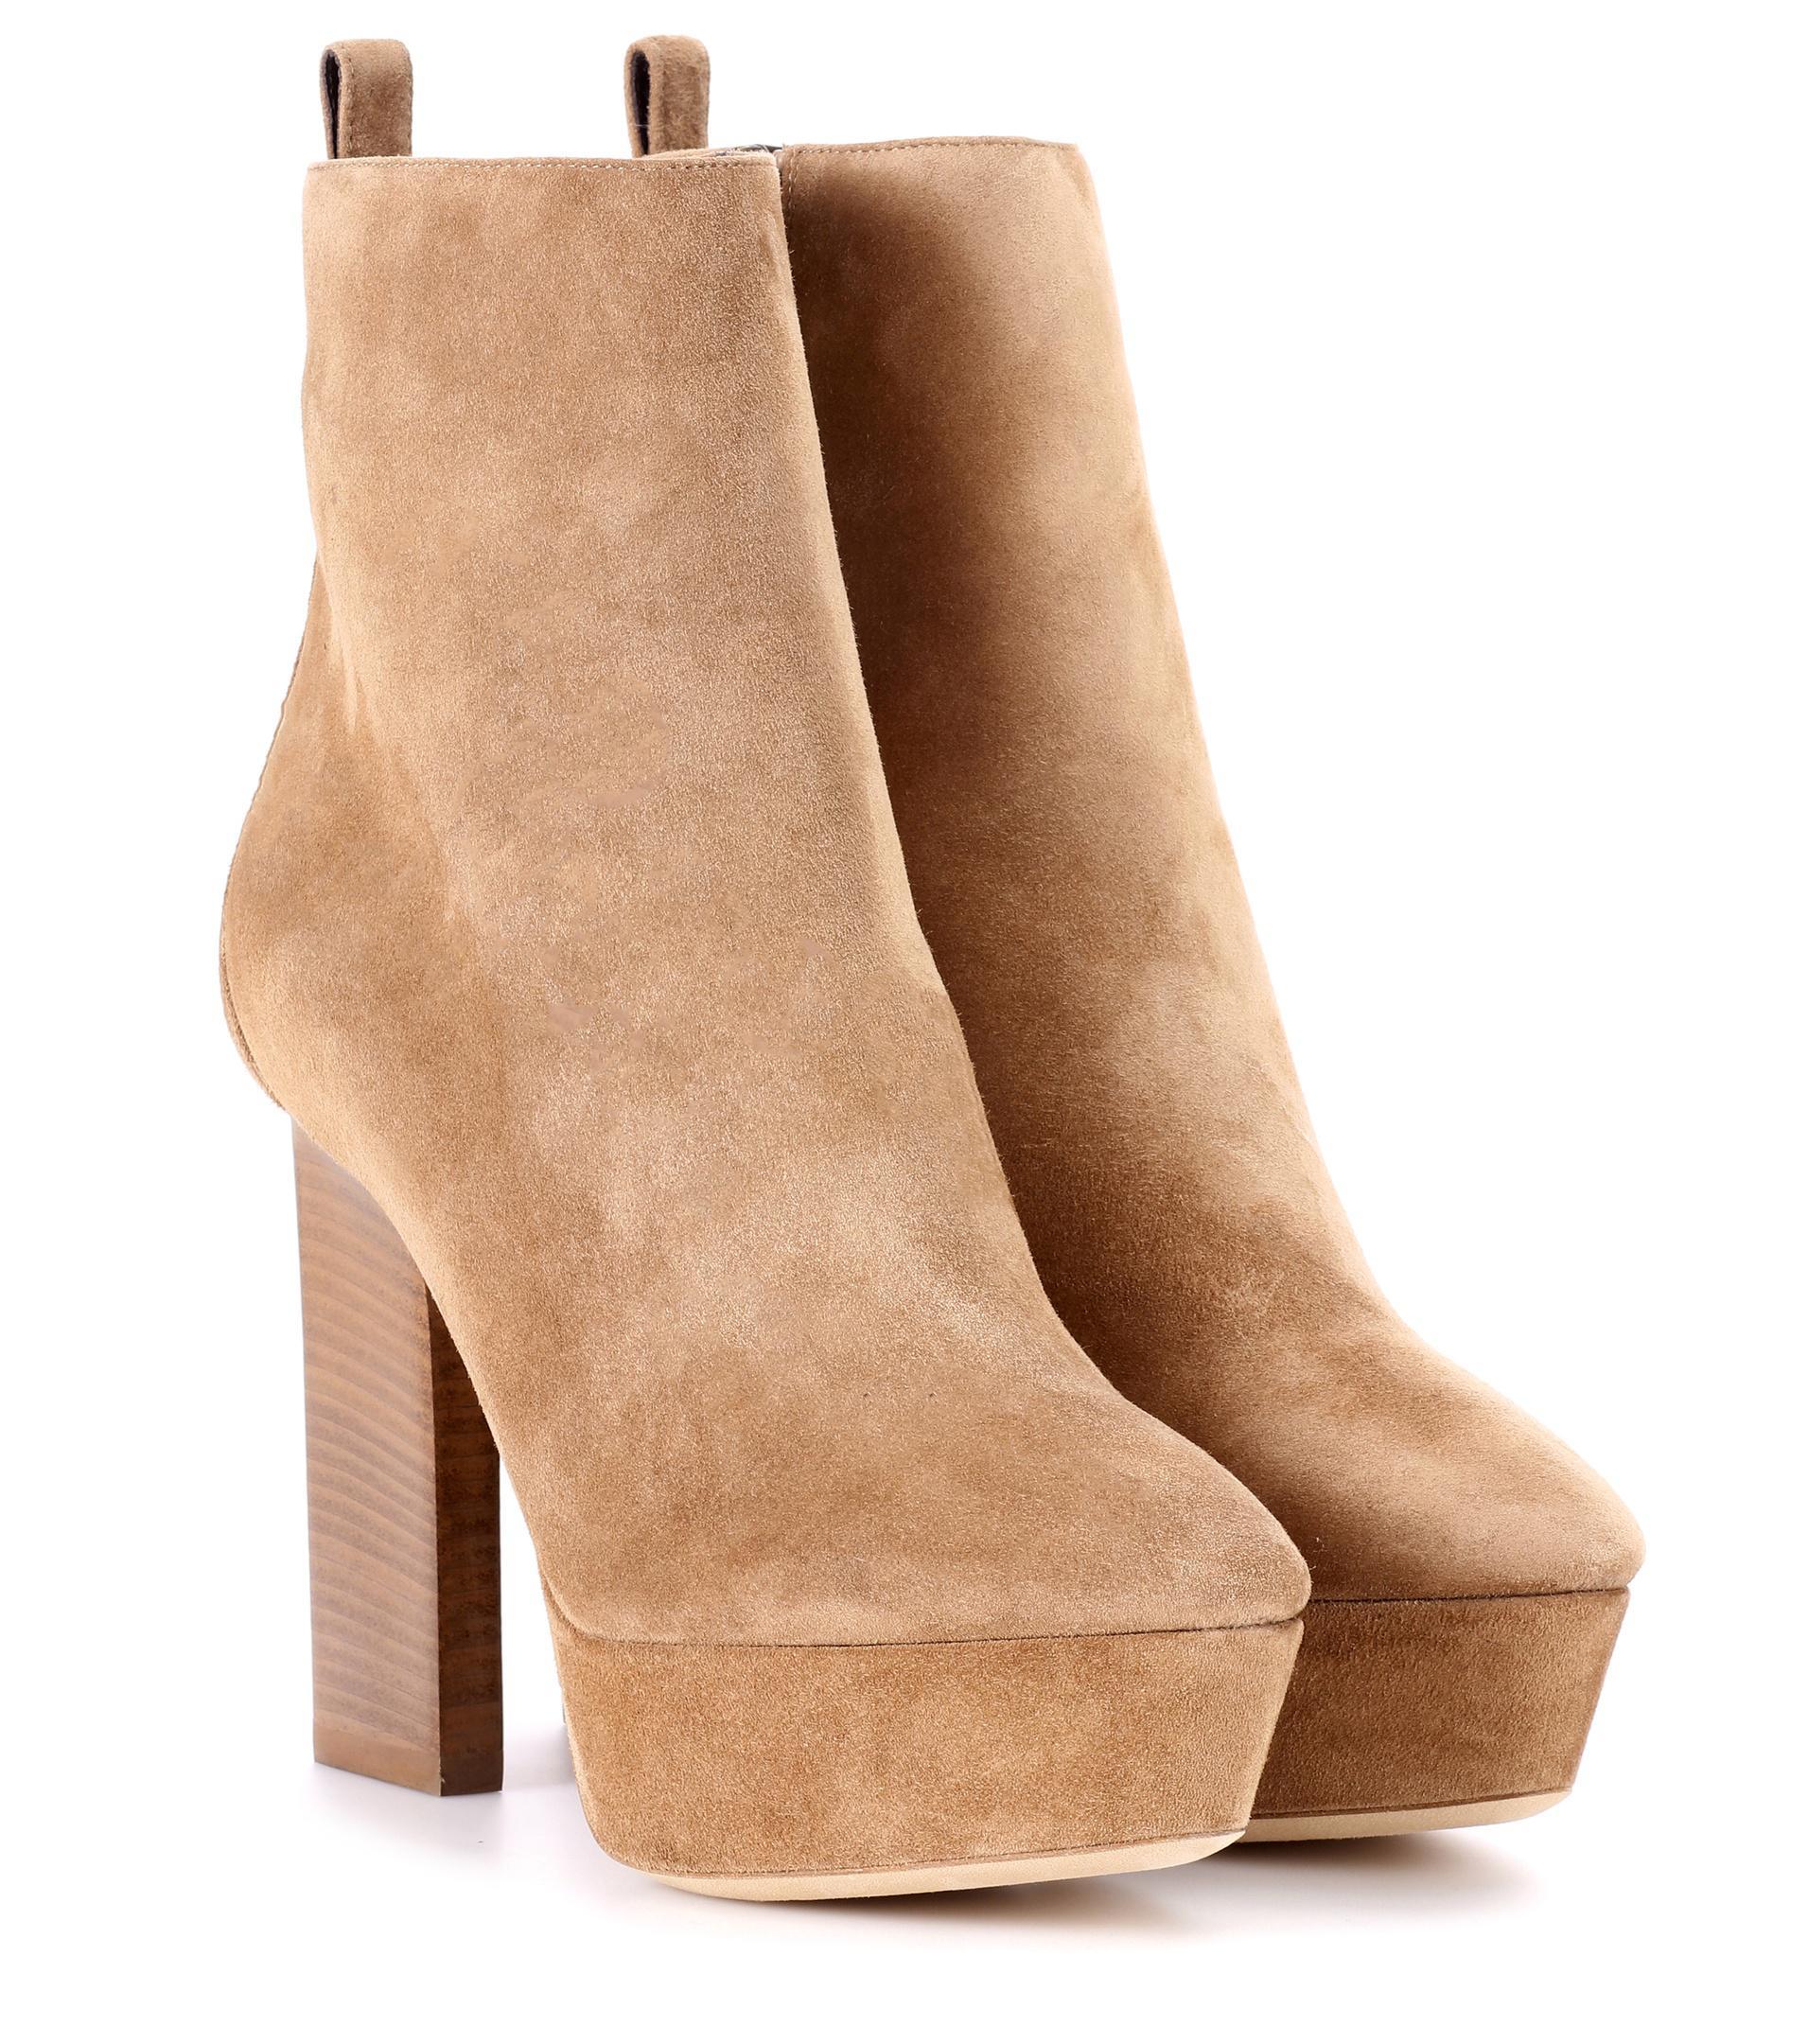 Vika 95 leather plateau ankle boots Saint Laurent MKlYahG